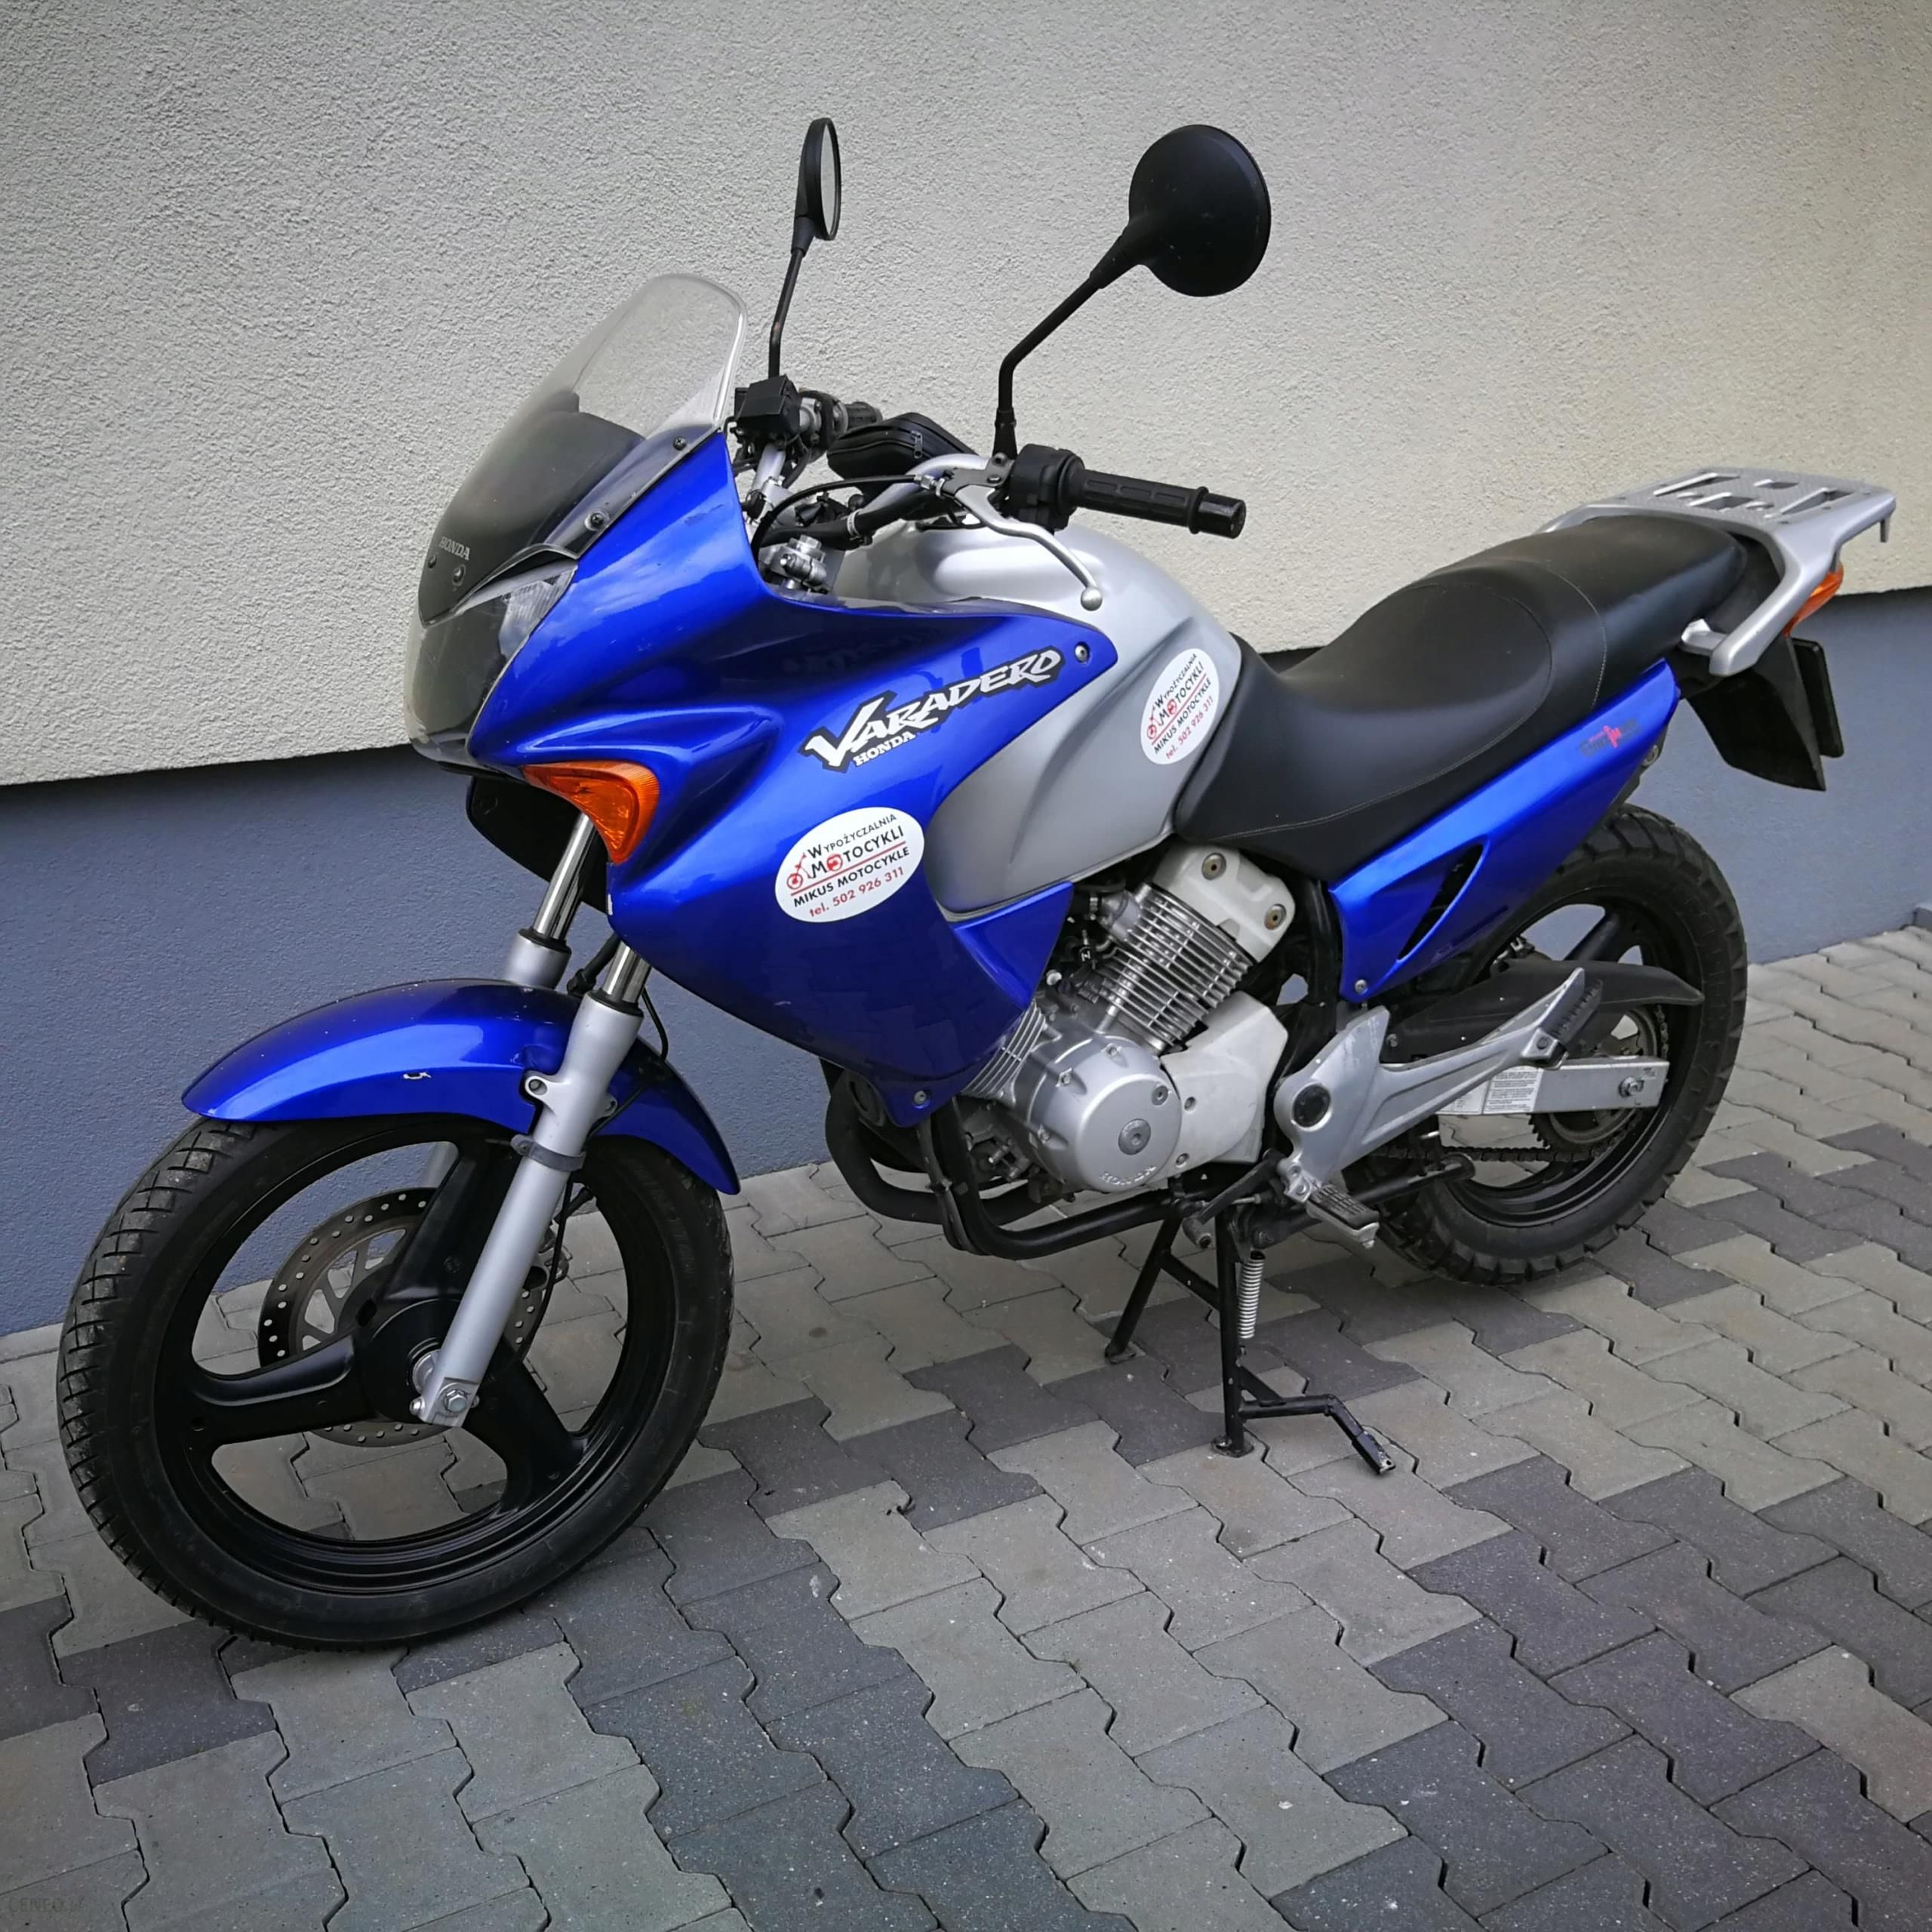 Honda Varadero 125 Opinie I Ceny Na Ceneo Pl